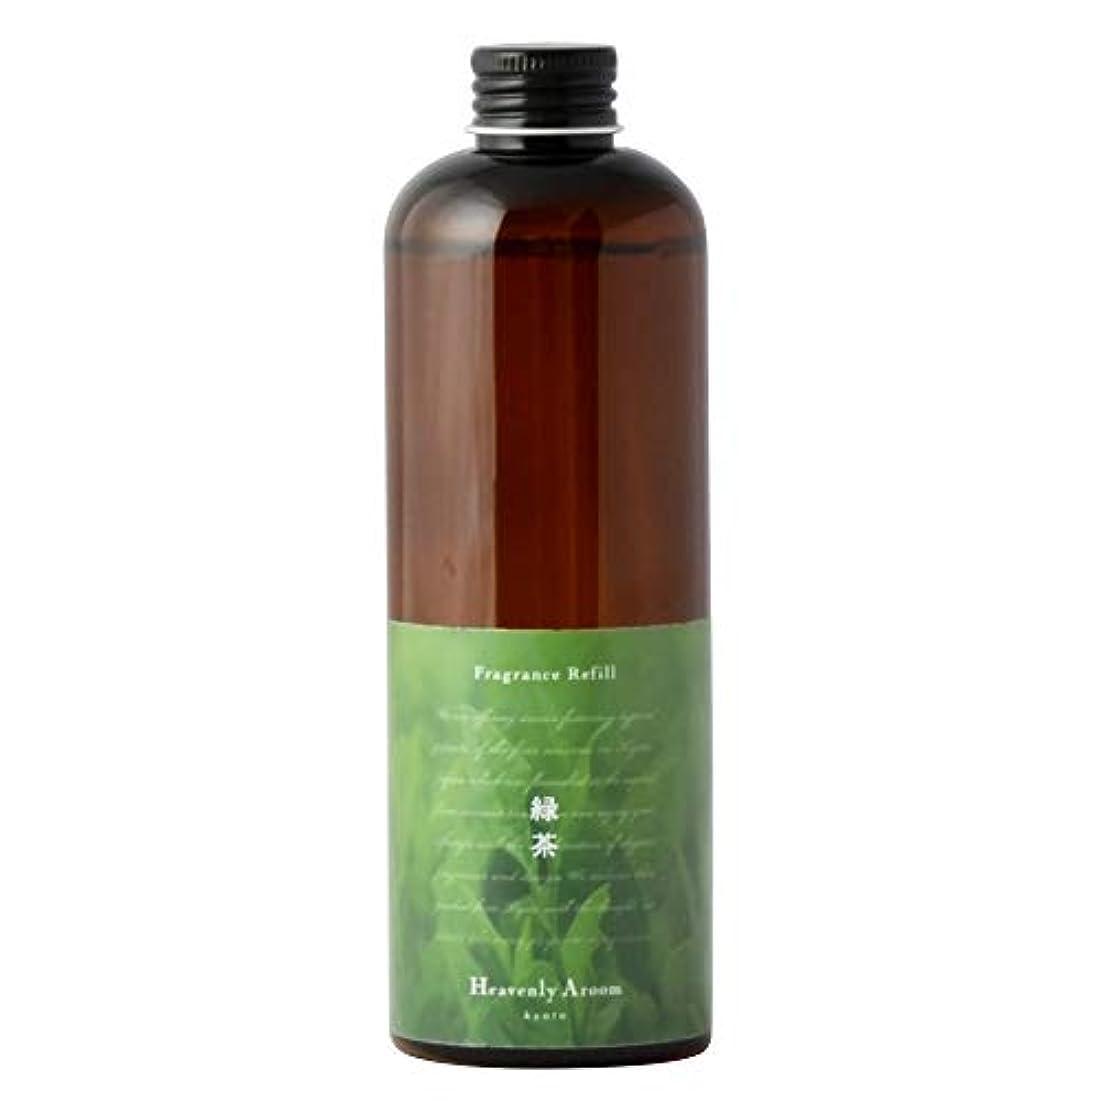 町面白い耐久Heavenly Aroomフレグランスリフィル 緑茶 300ml